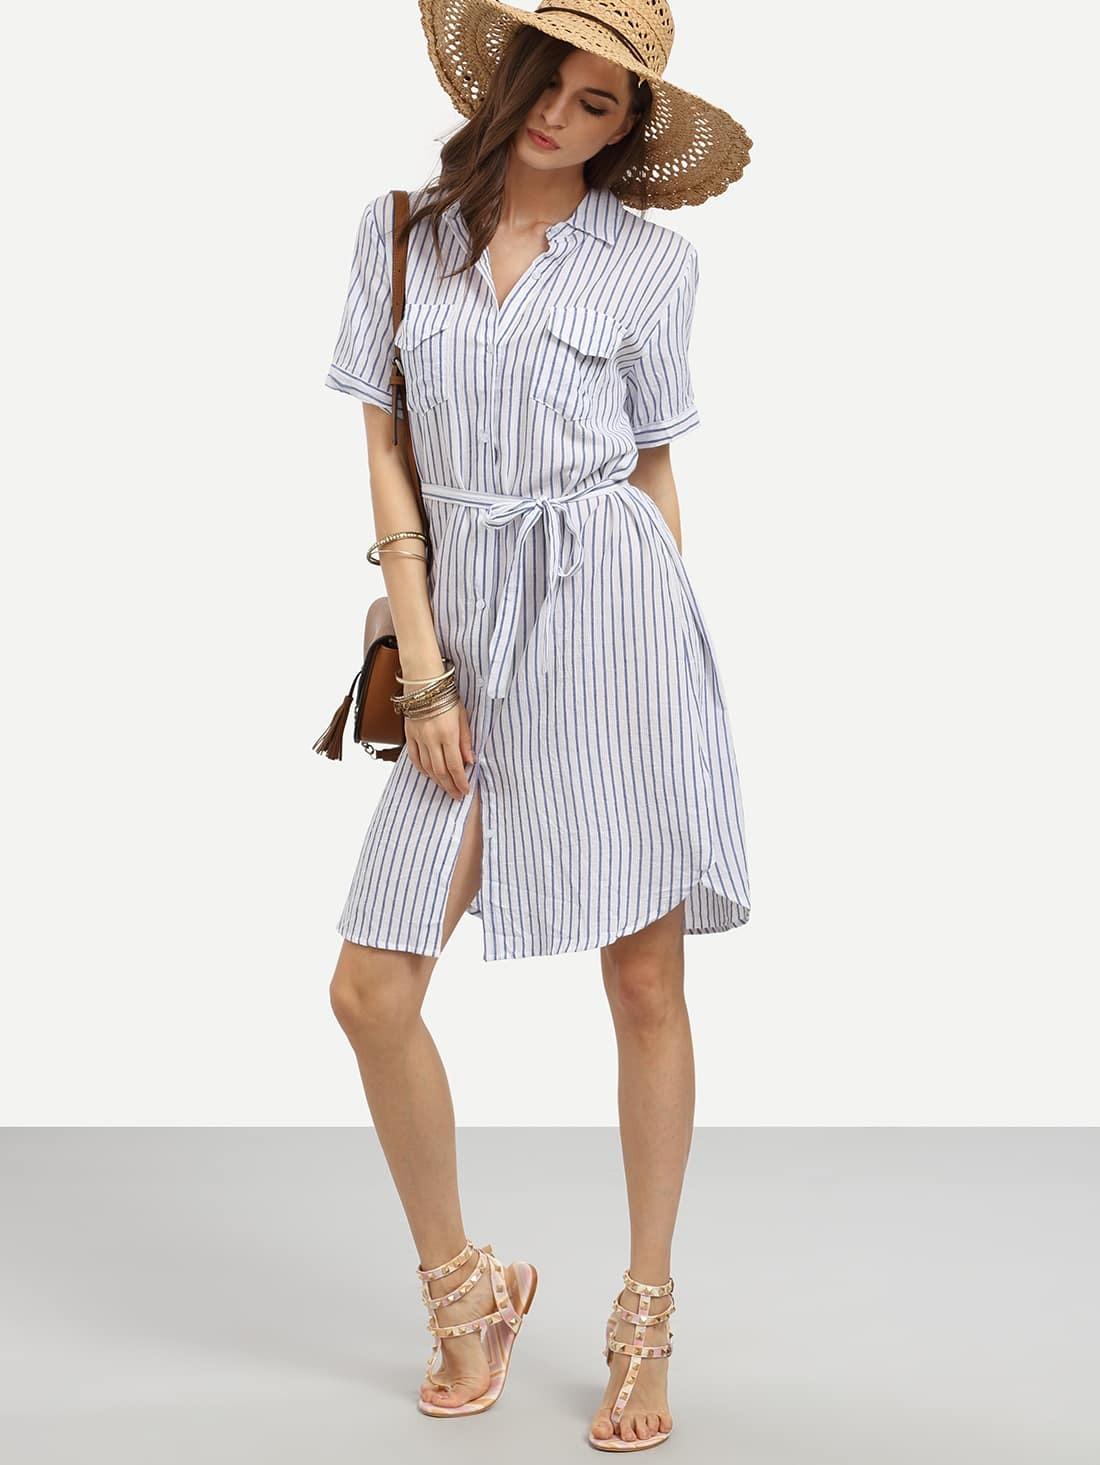 Blue vertical striped self tie shirt dress with pocketsfor for Vertical striped dress shirt